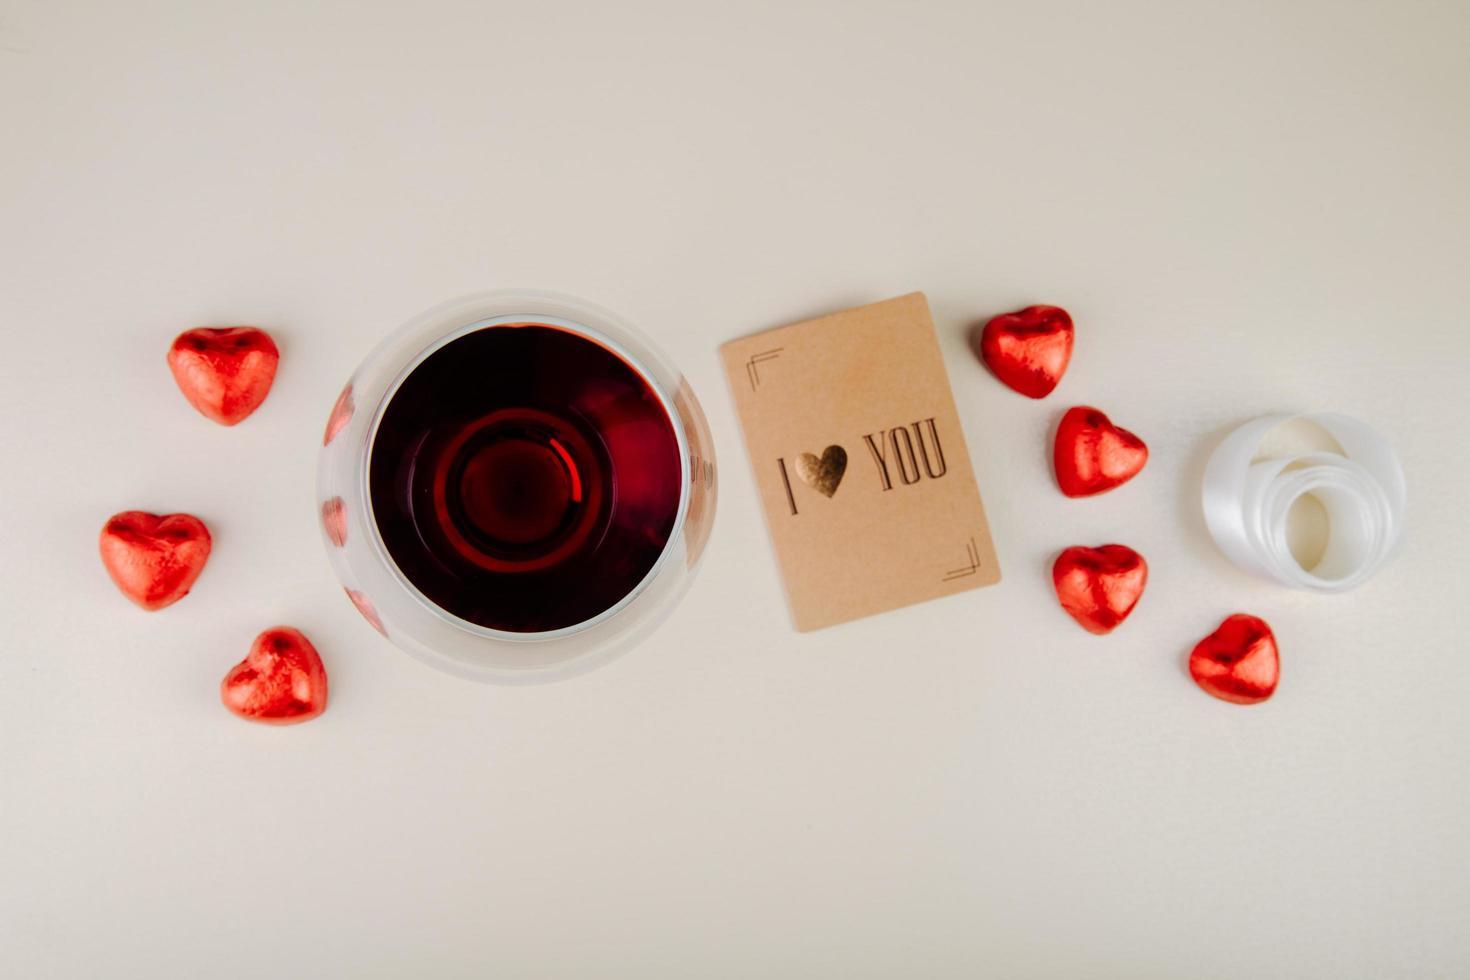 Vue de dessus d'un verre de vin avec des chocolats en forme de coeur et une carte photo